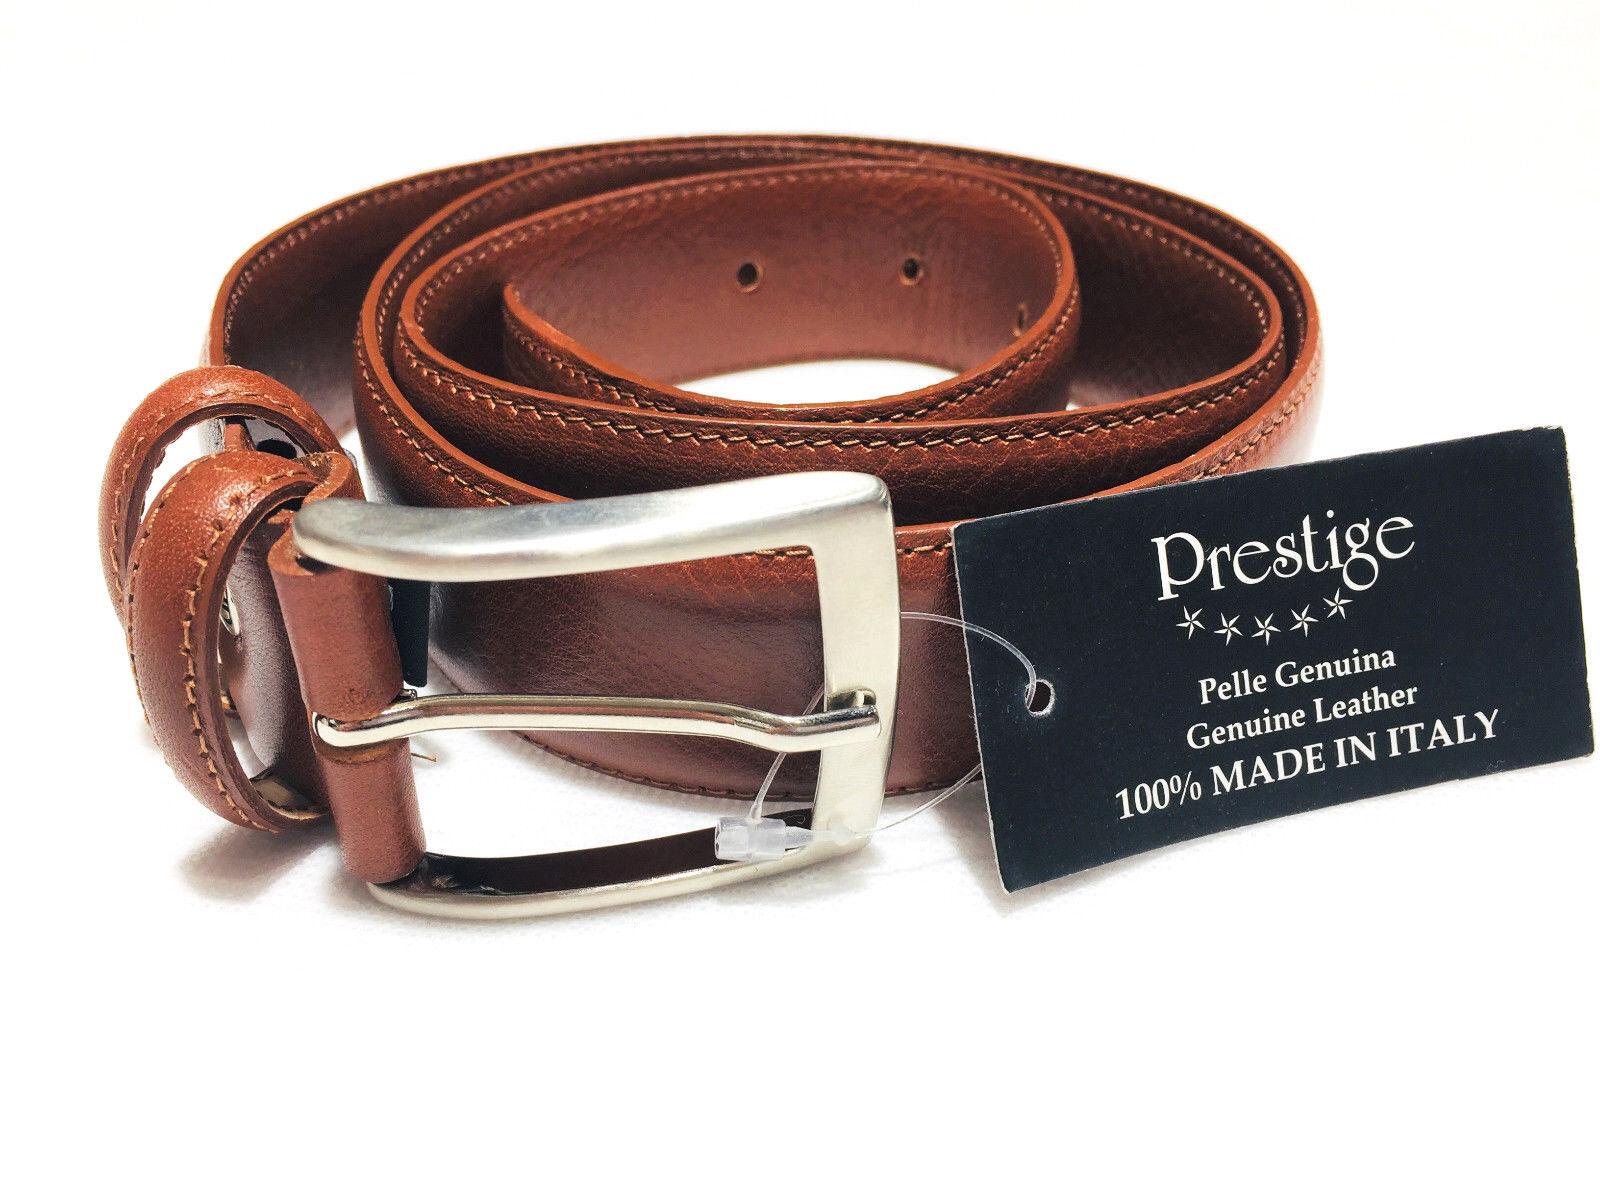 Gürtel Klassisch Gürtel Herren Echtes Leder Made IN Italy Verkürzt Elegant Leder